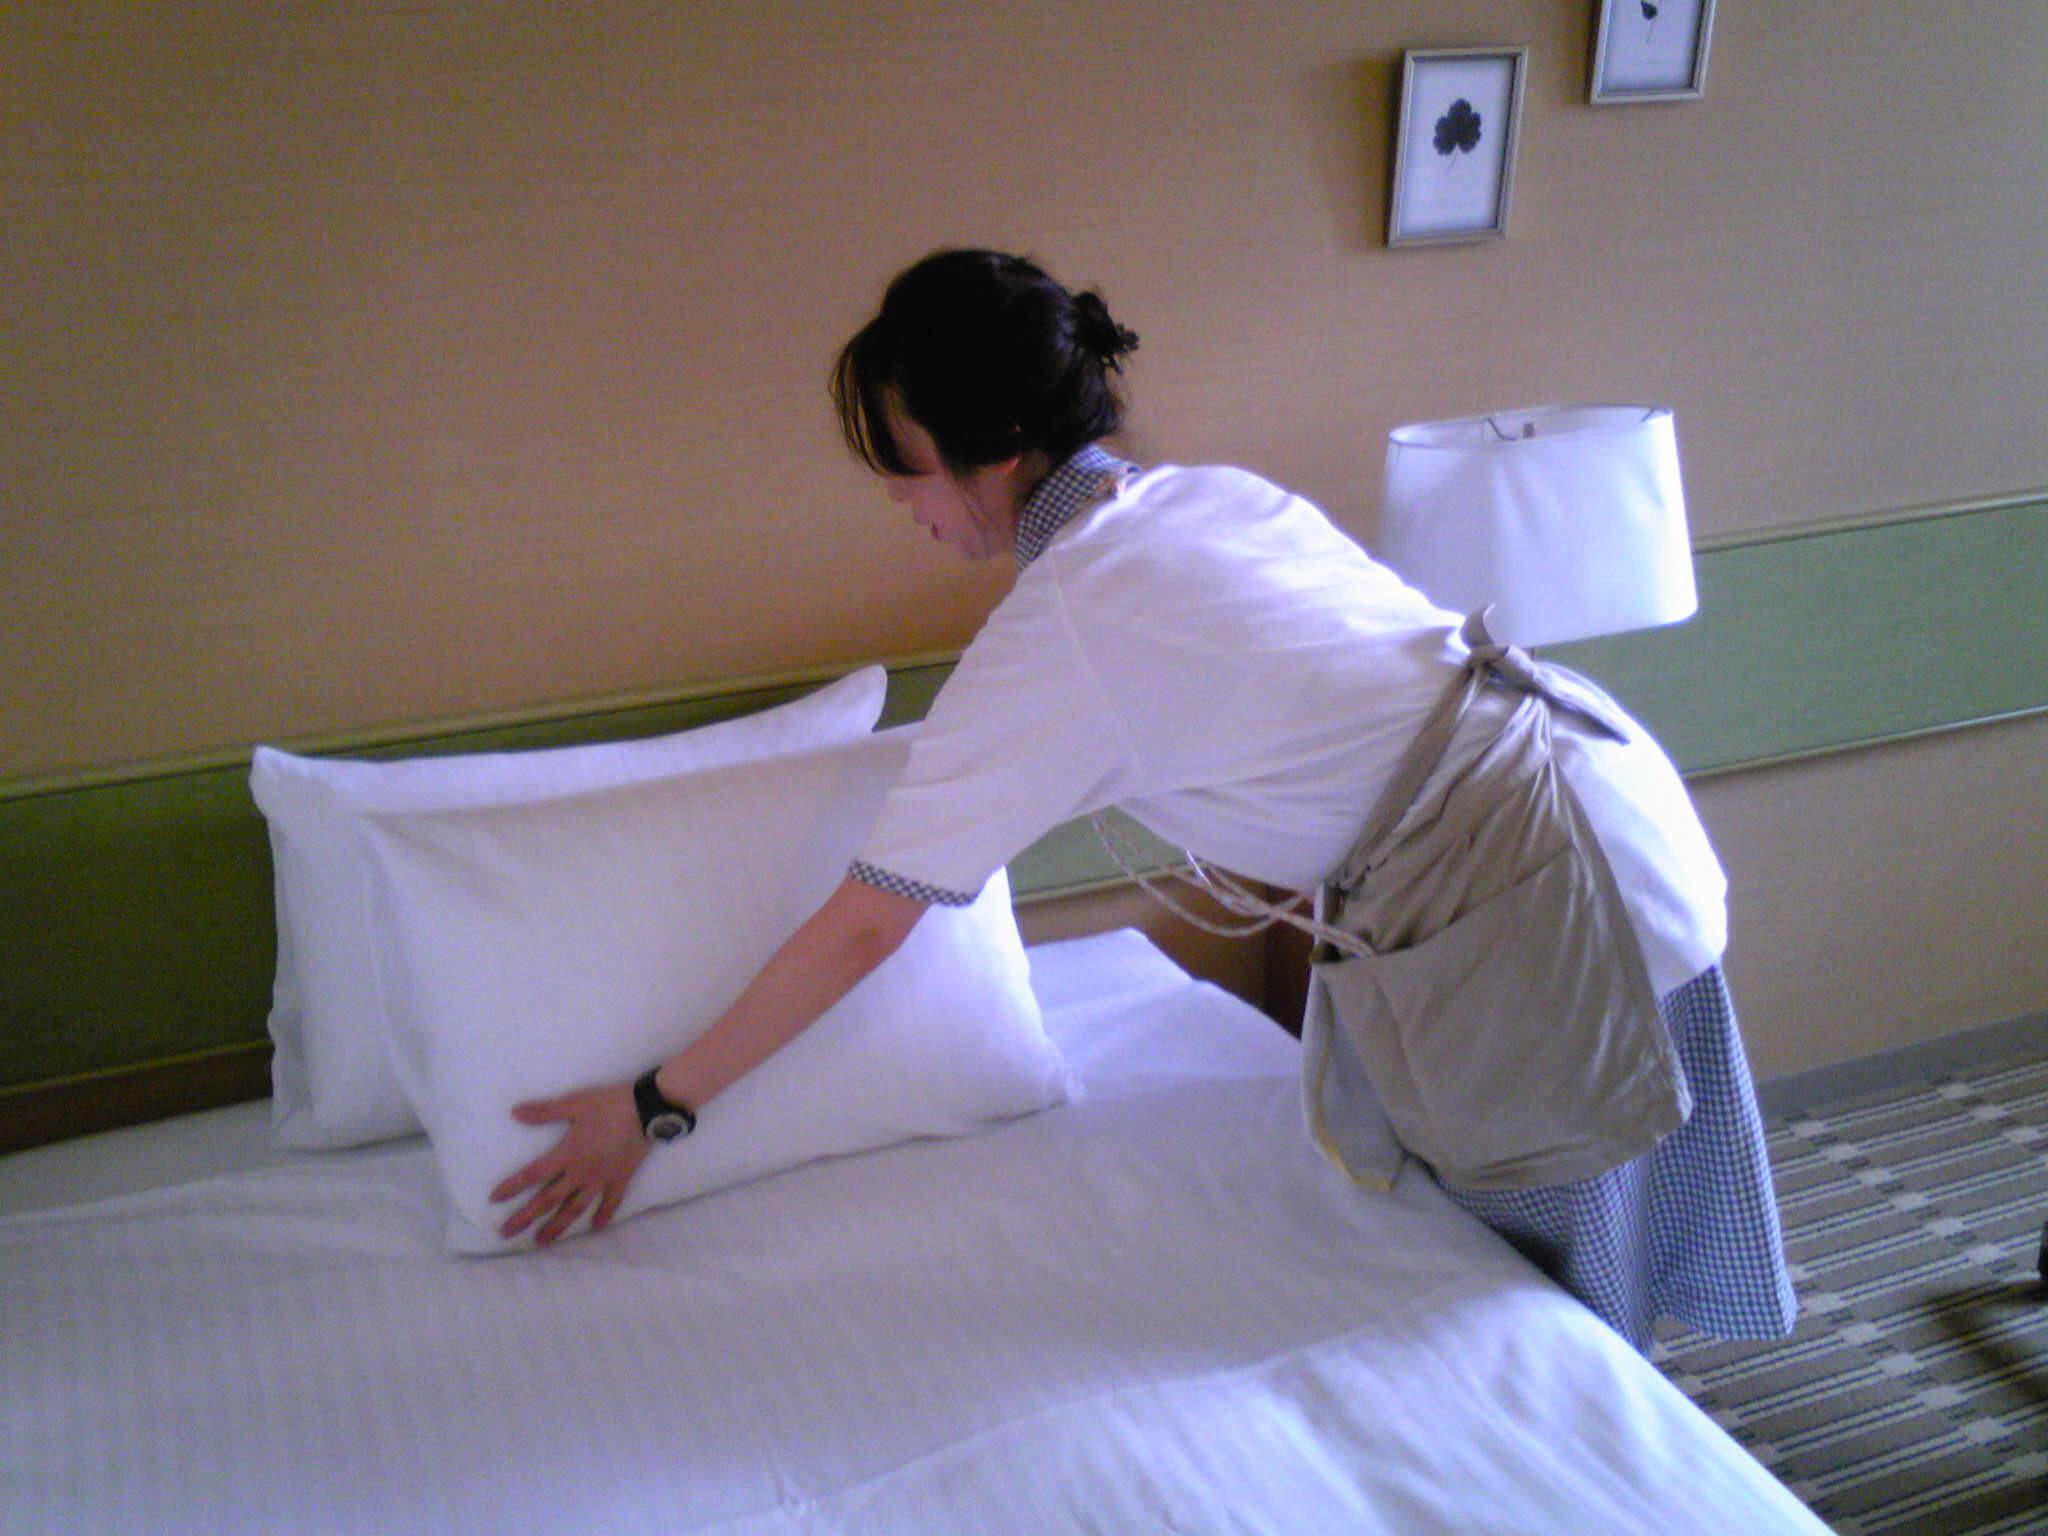 客室整備チーフ 池袋エリア 株式会社ネオマック のアルバイト情報